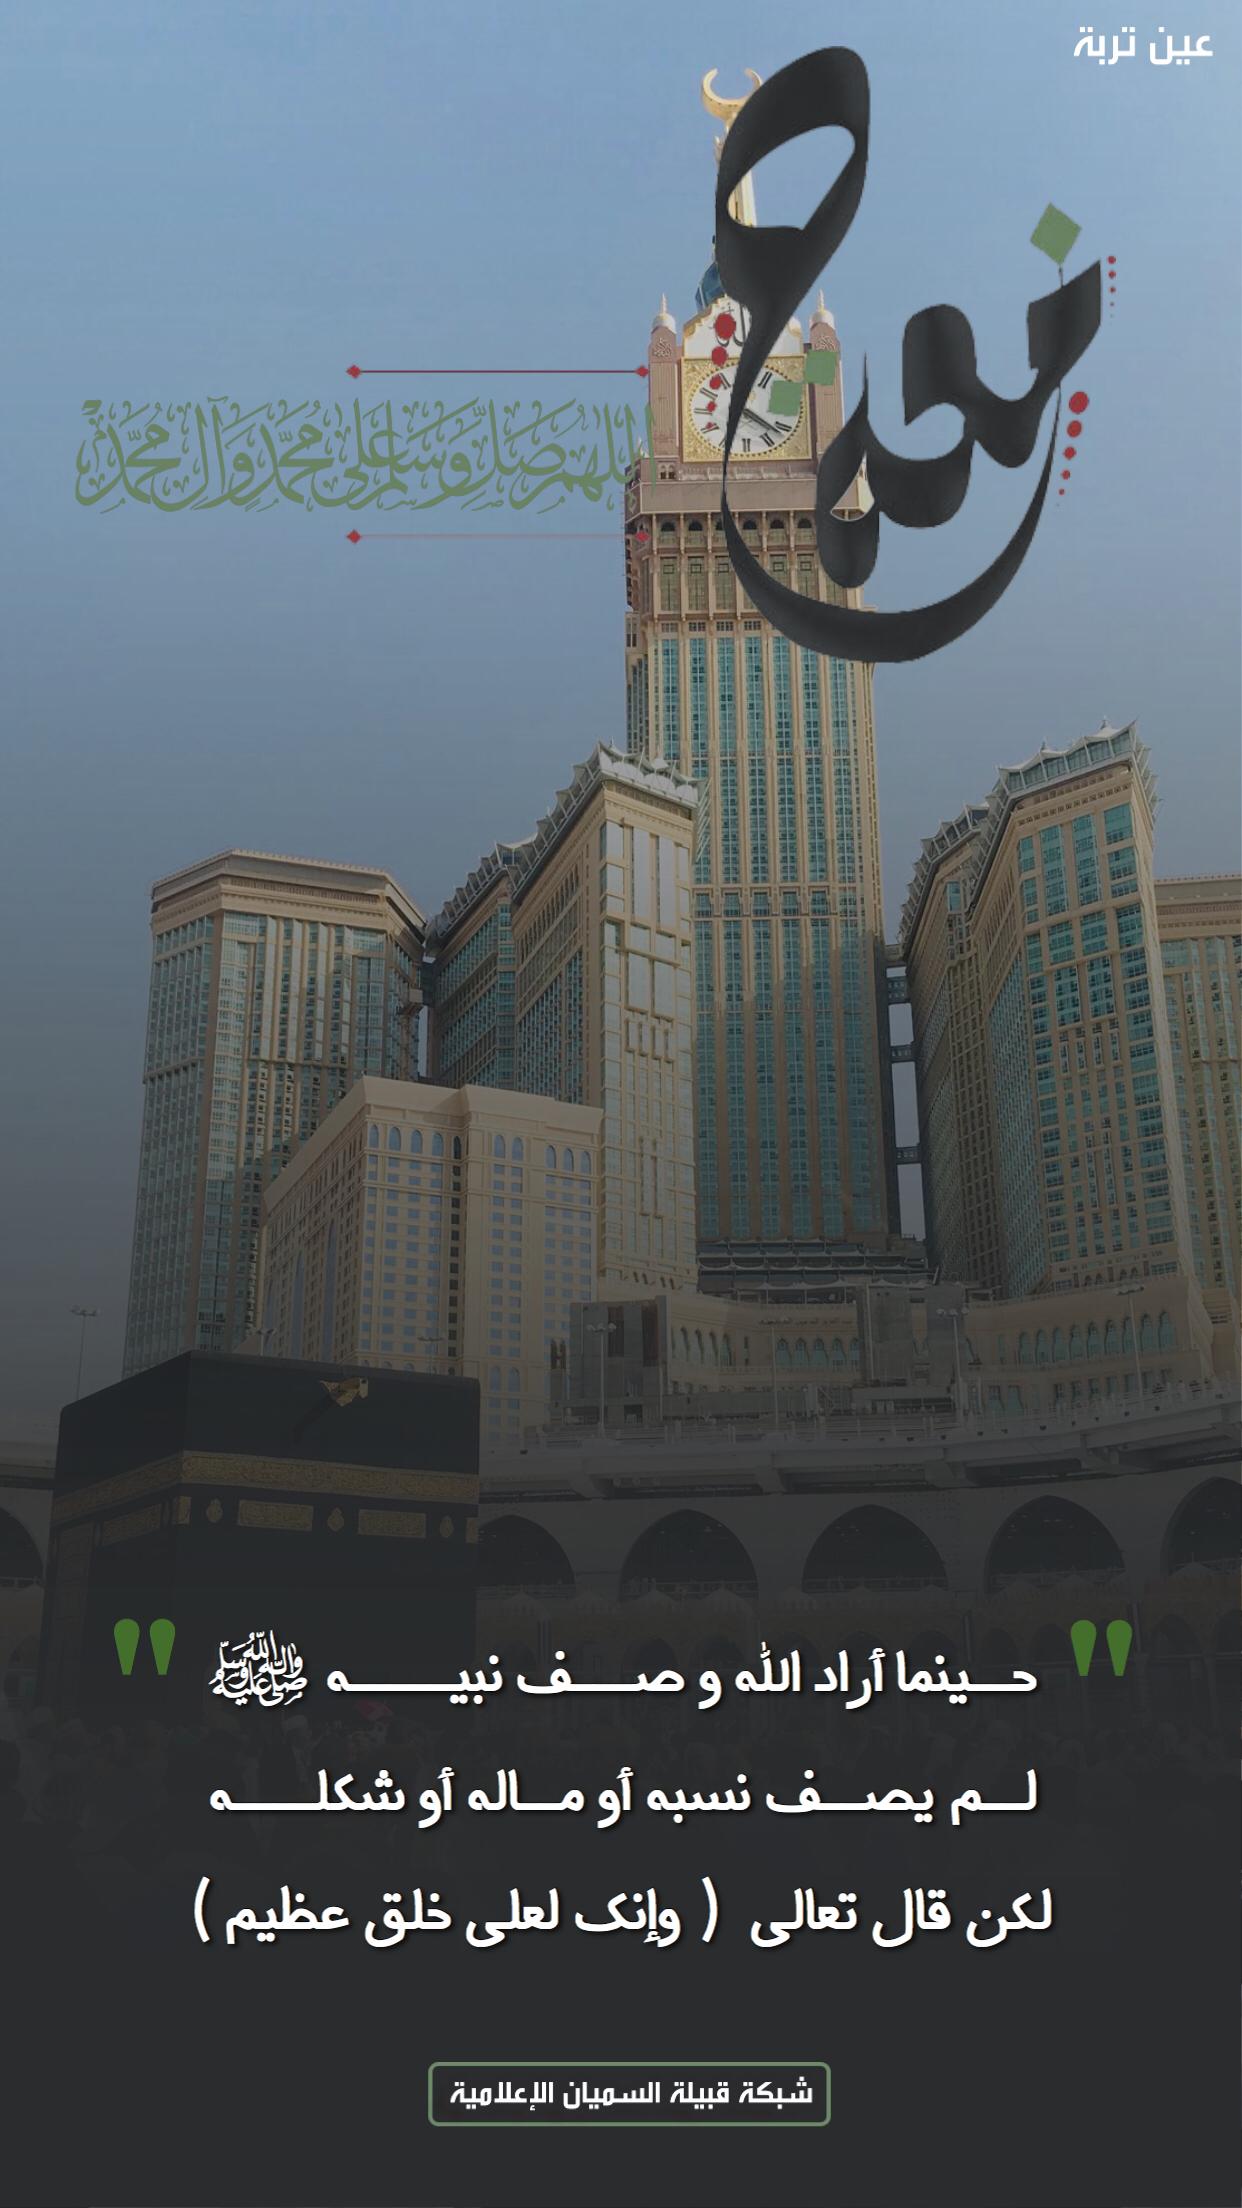 اخلاق النبي صلى الله عليه وسلم شبكة قبيلة السميان Poster Movie Posters Allah